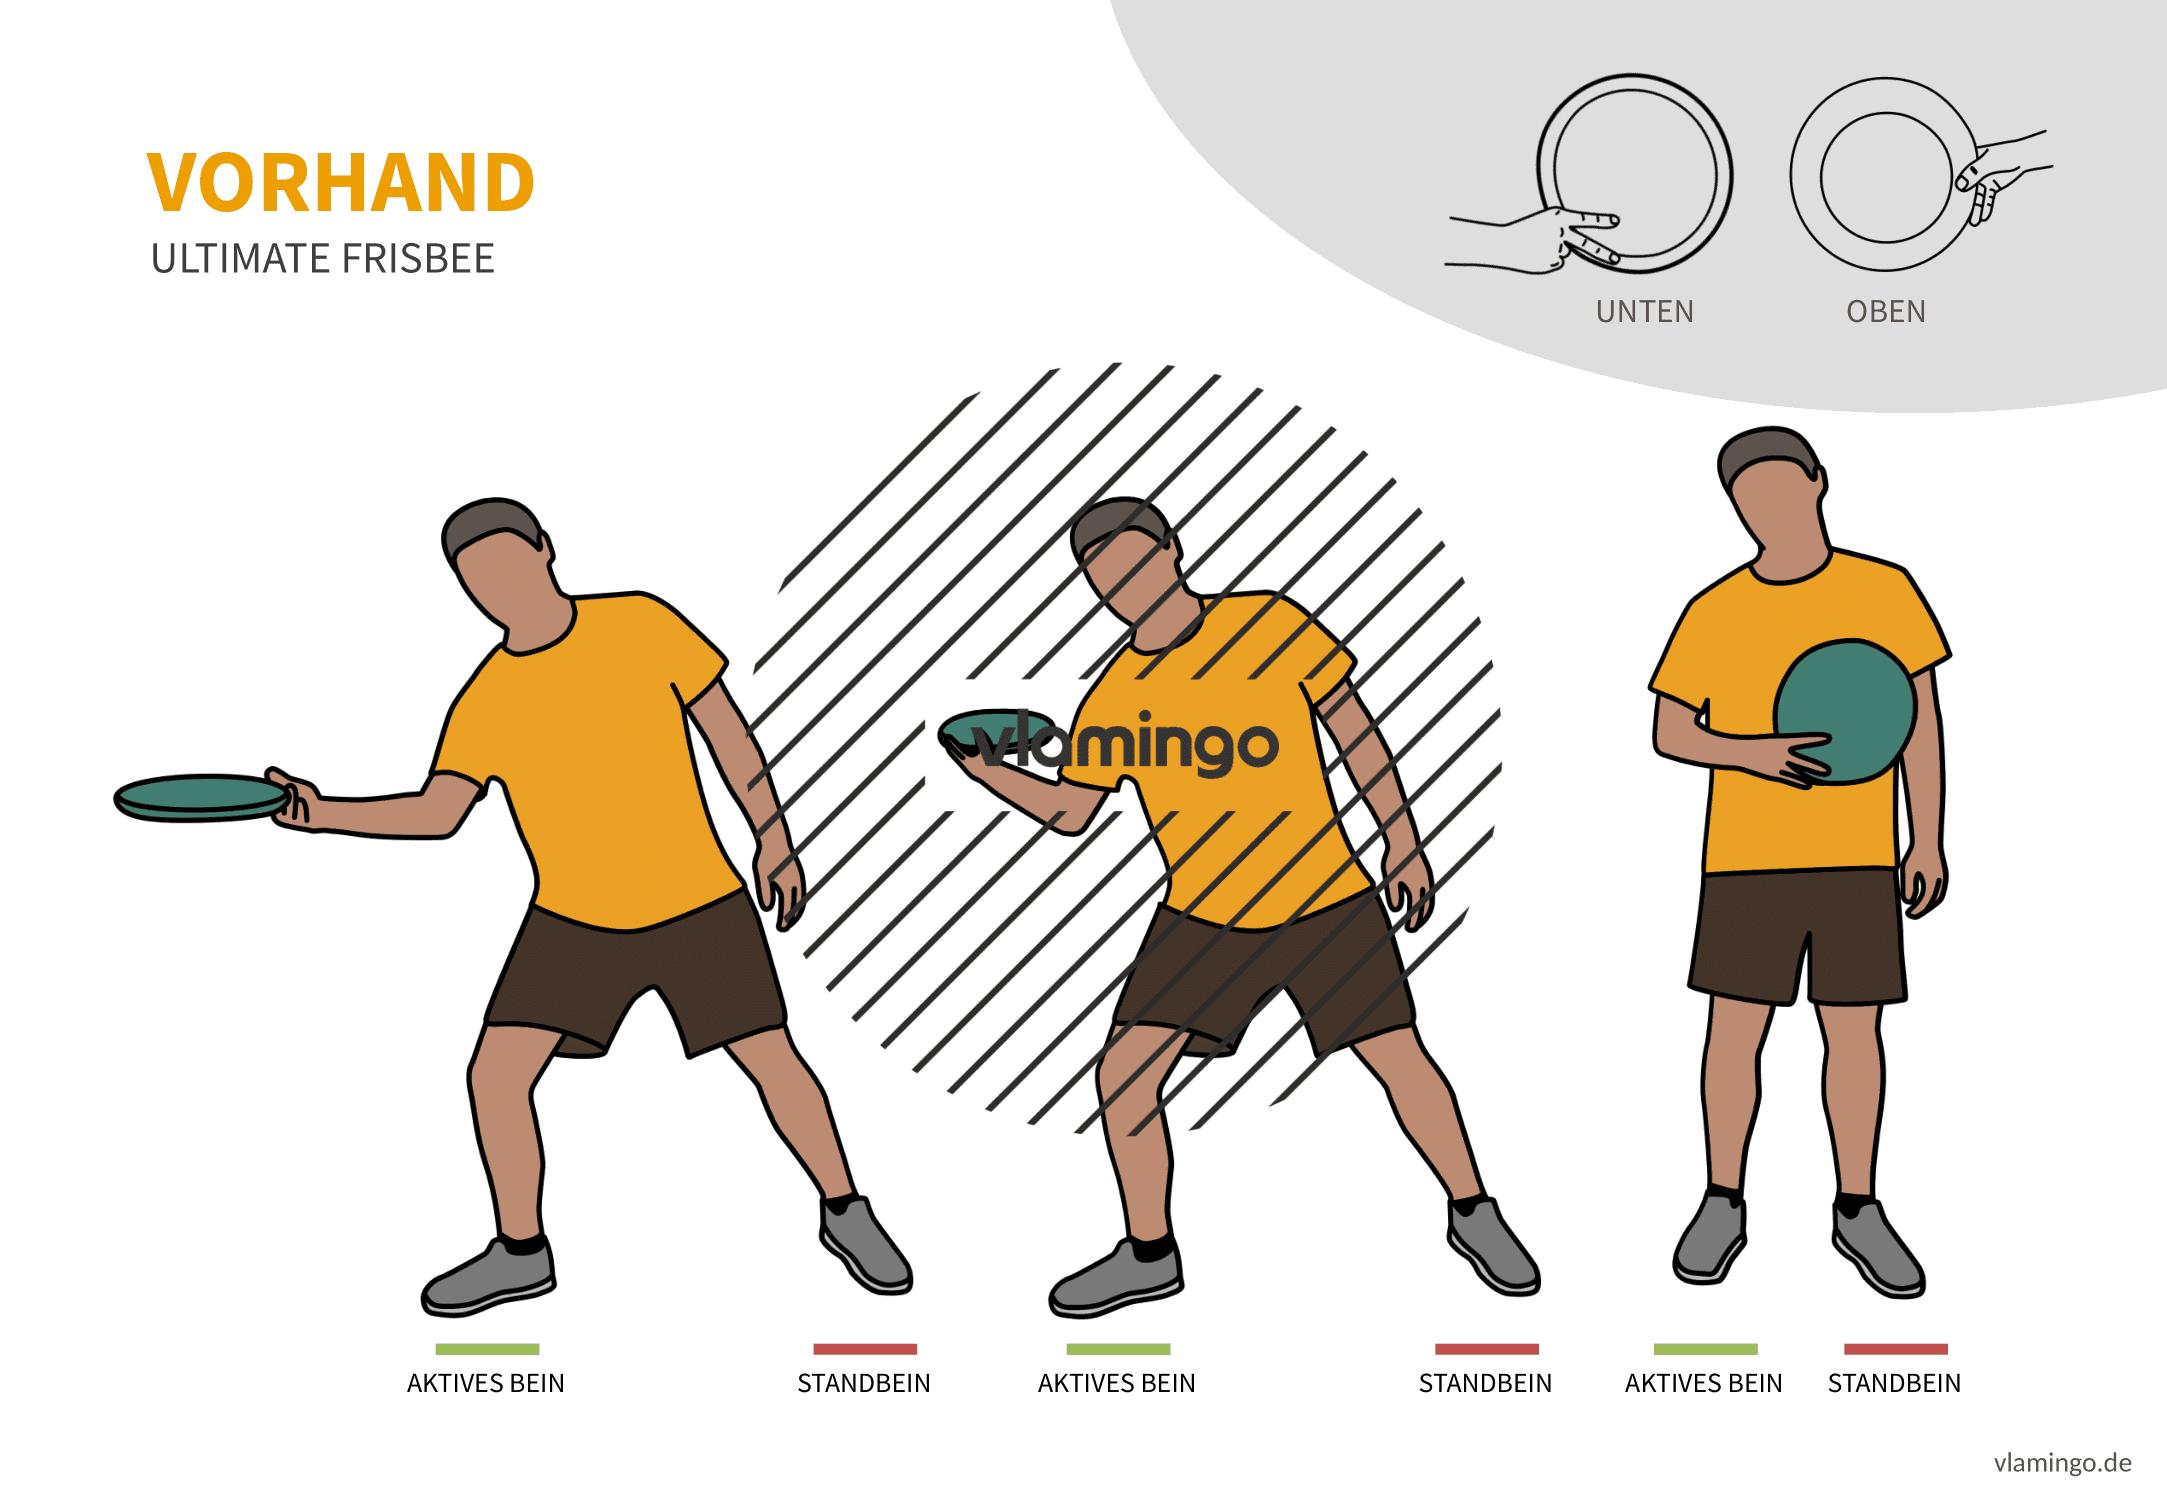 Frisbee - Wurftechnik - Vorhand